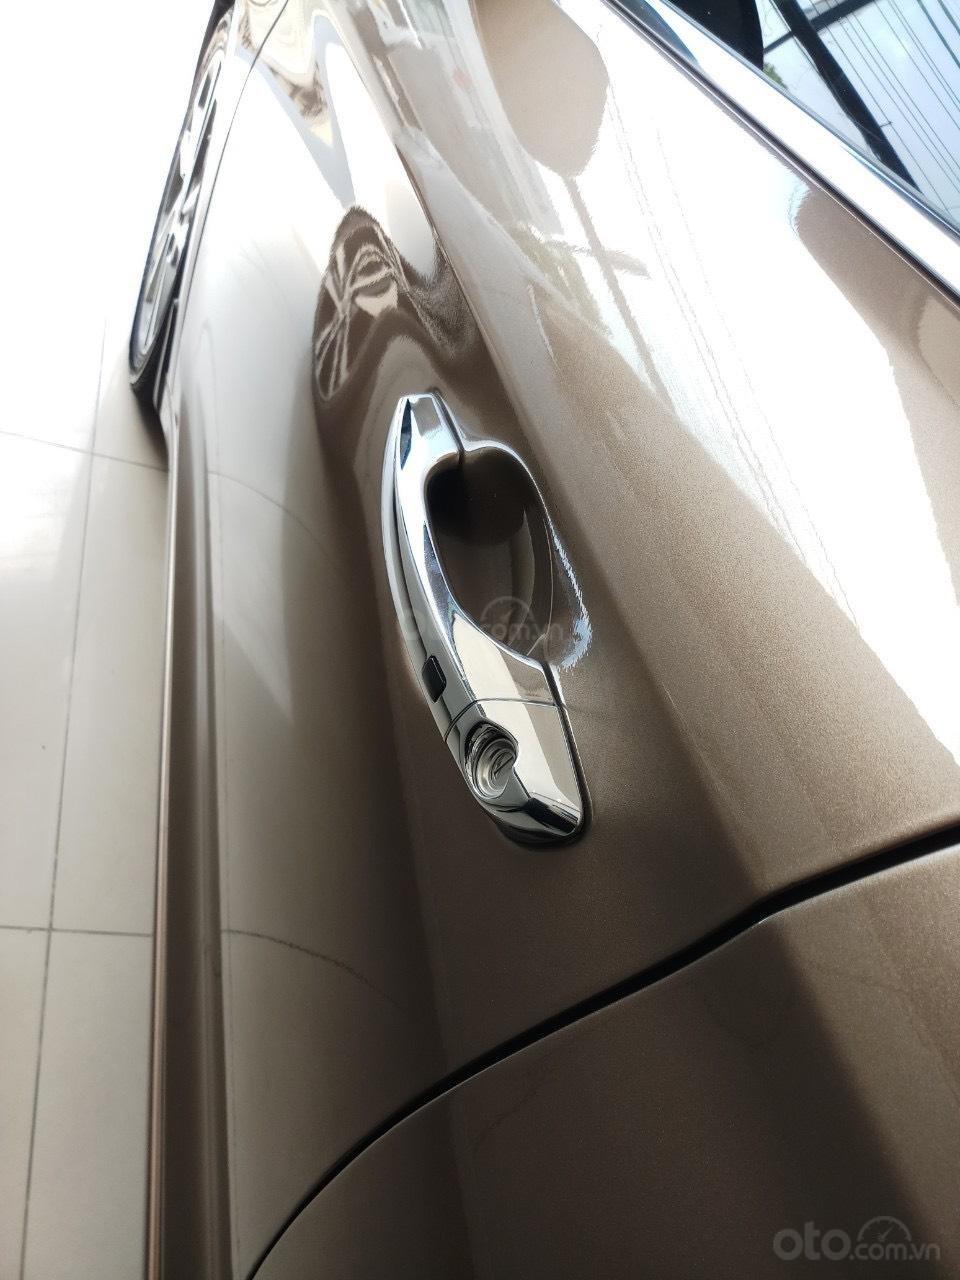 Cần bán Hyundai Elantra 2.0 AT vàng cát 2017 đẹp nguyên bản như mới (3)